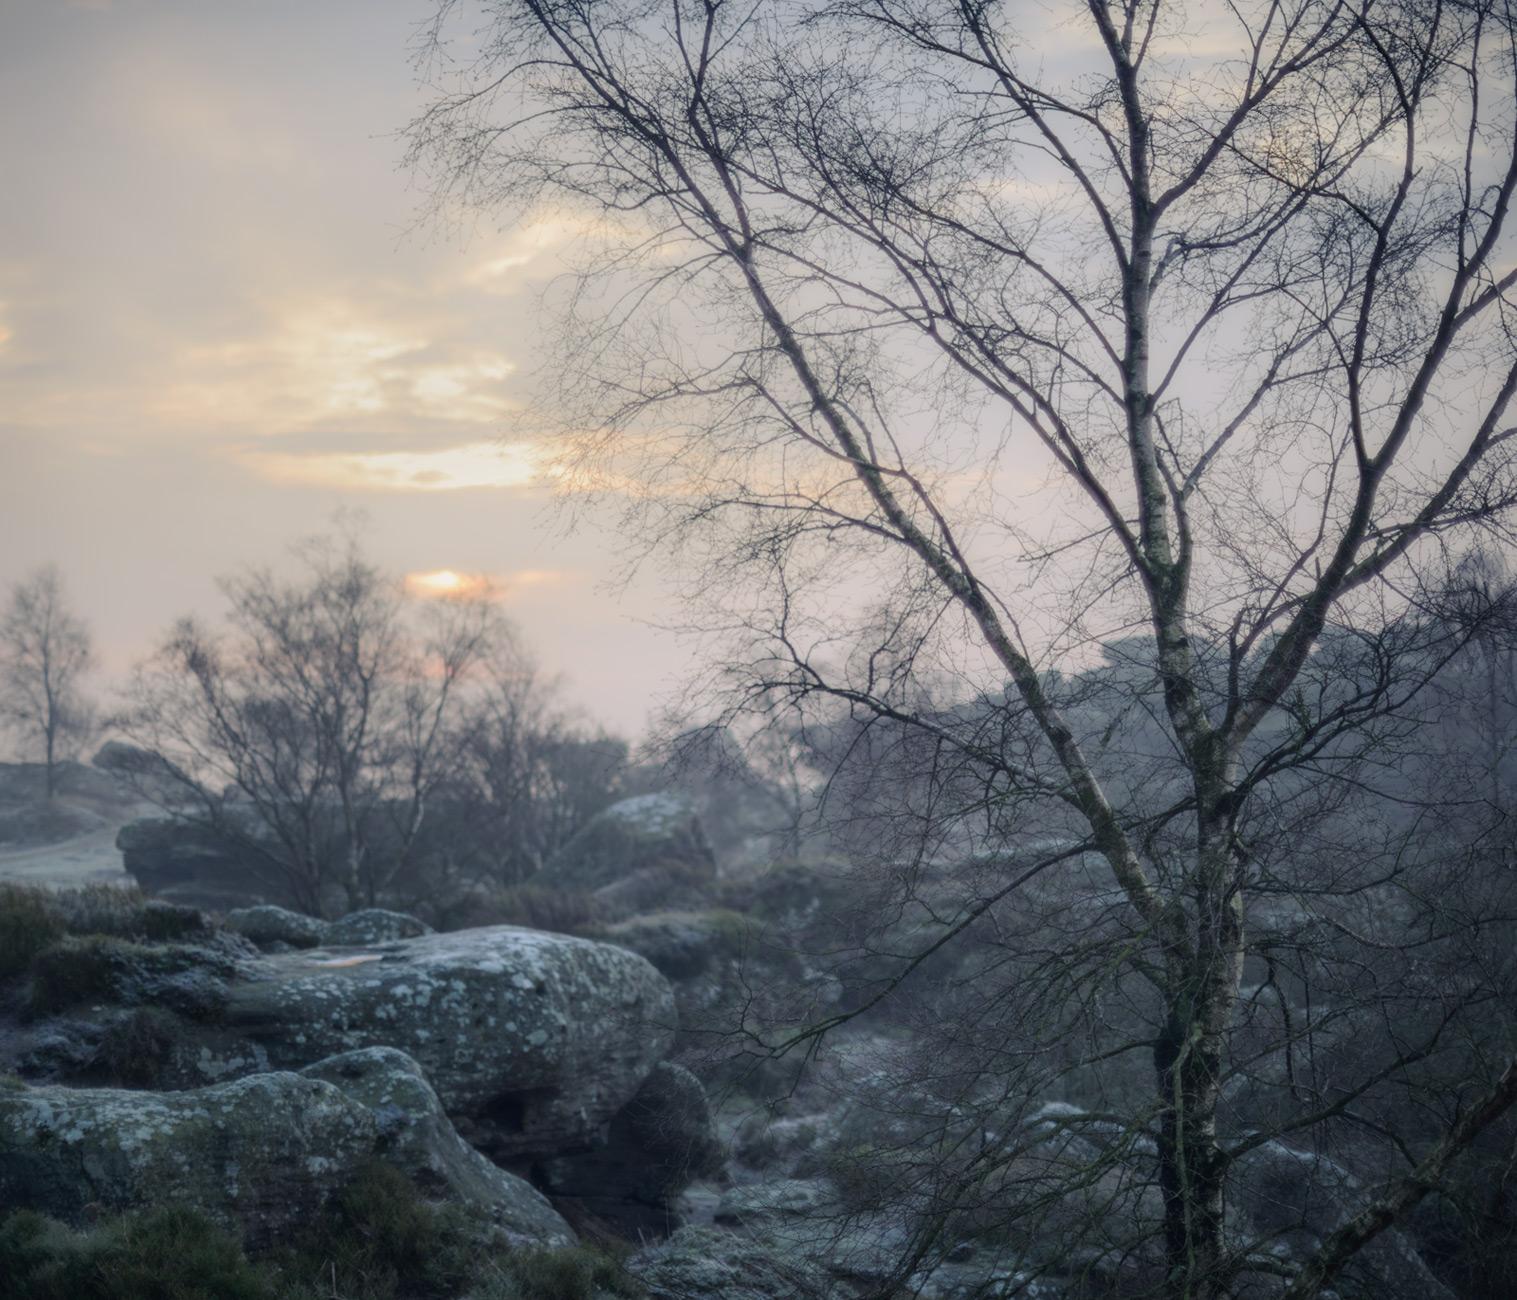 Birches and rocks - Nikon 50mm at f/1.2